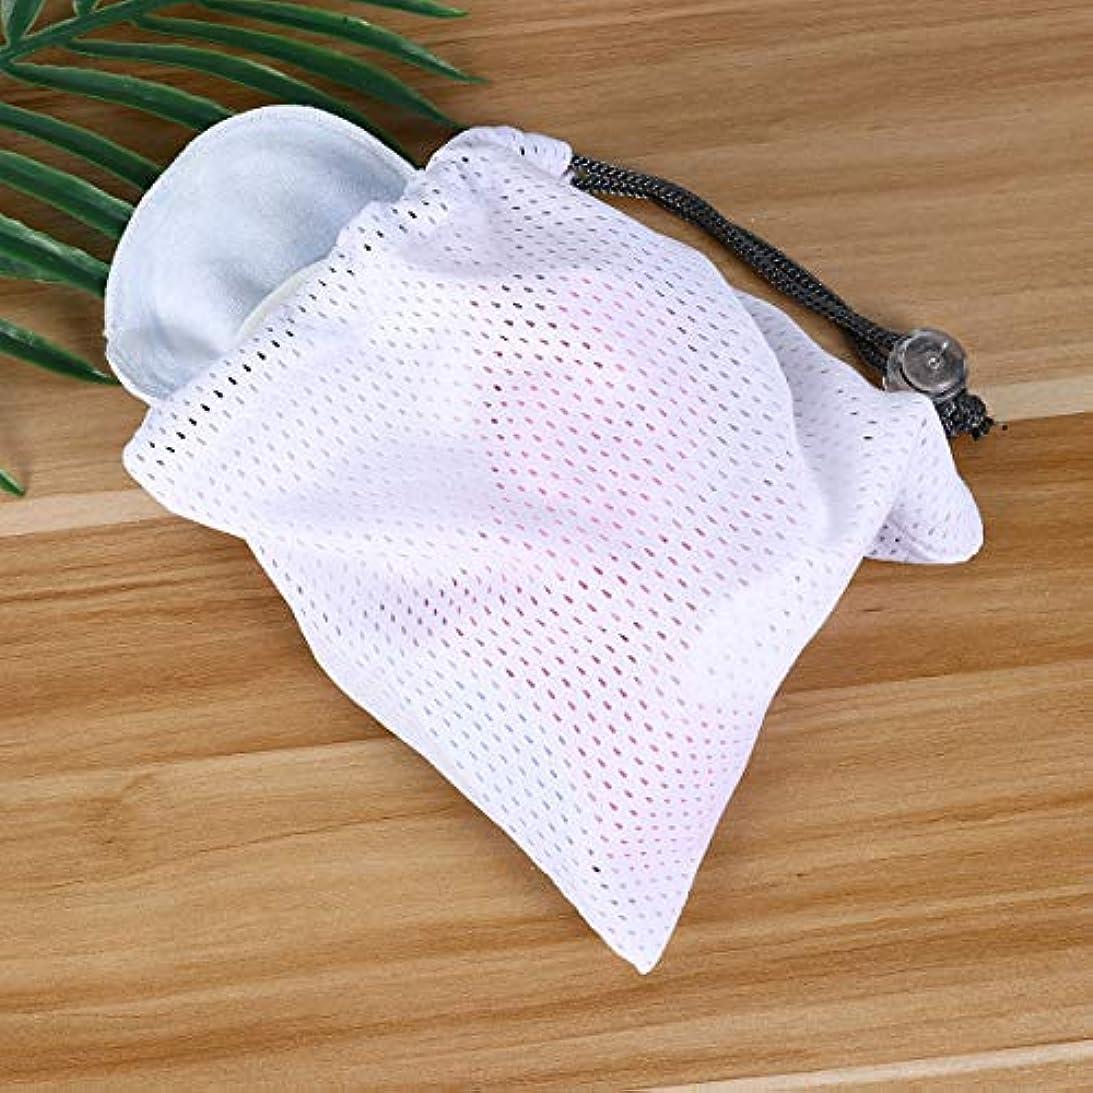 ためらう主張経験Beaupretty 17ピース再利用可能な竹繊維化粧落としパッド有機綿ラウンド洗える顔クレンジング布